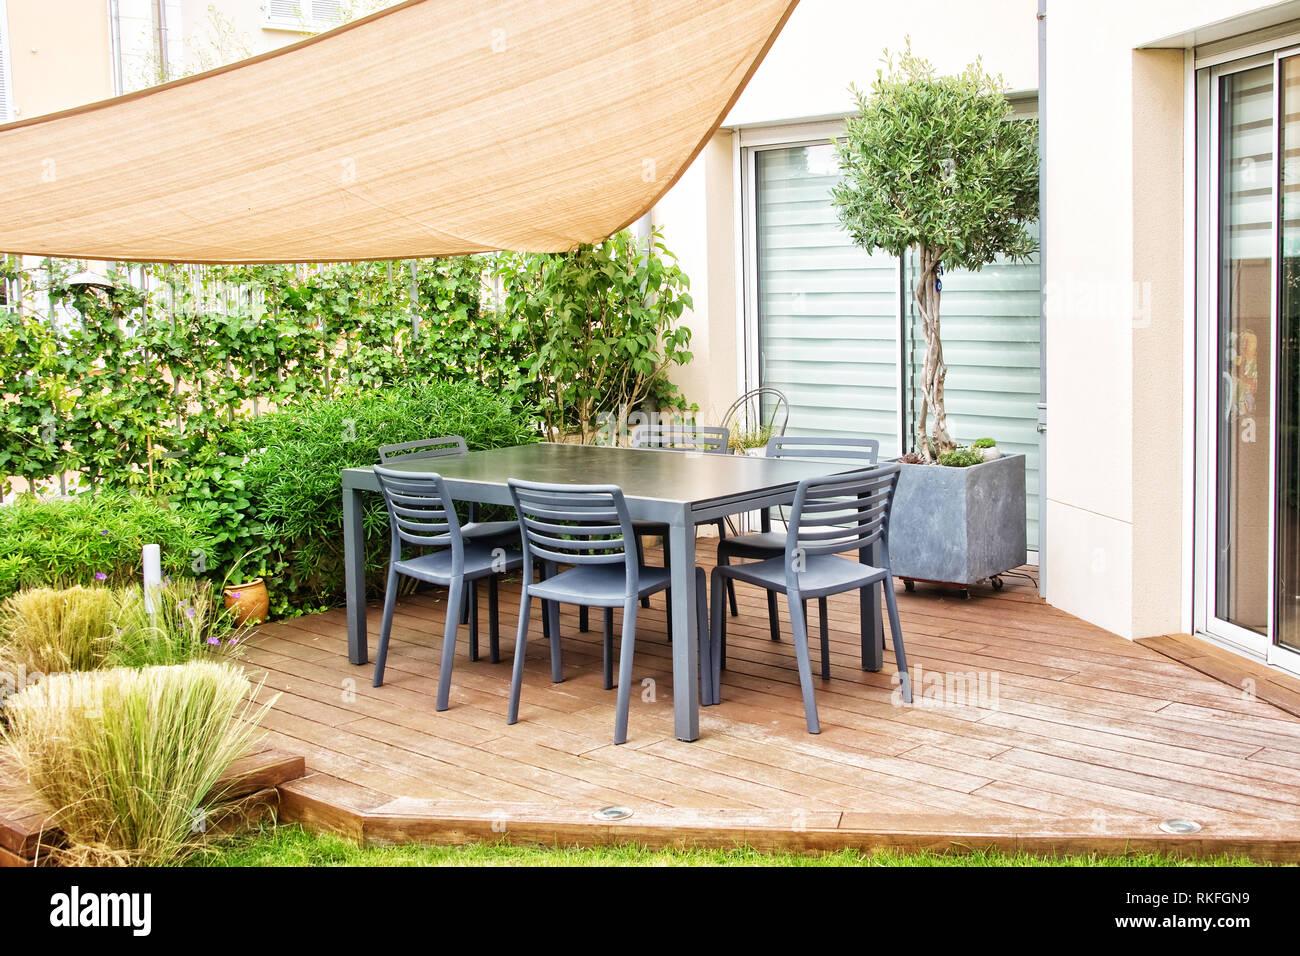 Moderne Terrasse mit Esstisch und Stühlen Stockfoto, Bild: 235755669 ...